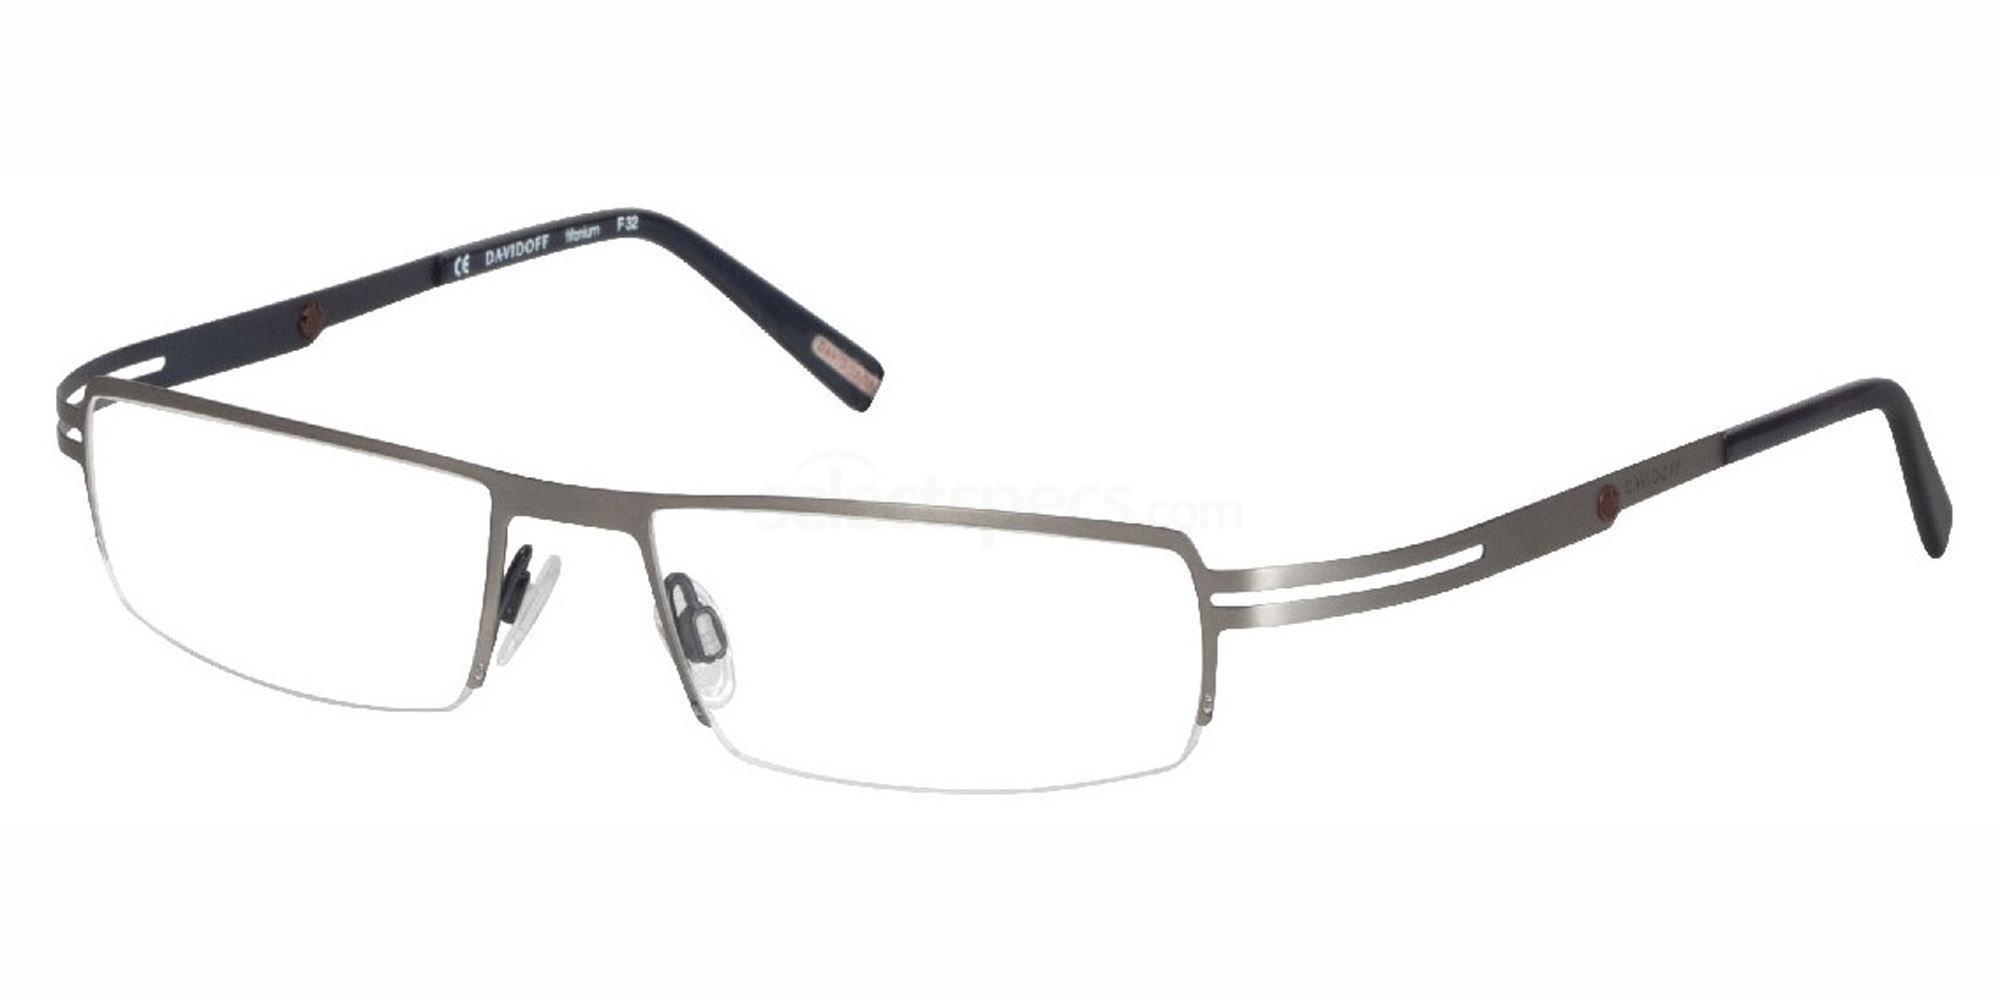 513 95086 Glasses, DAVIDOFF Eyewear